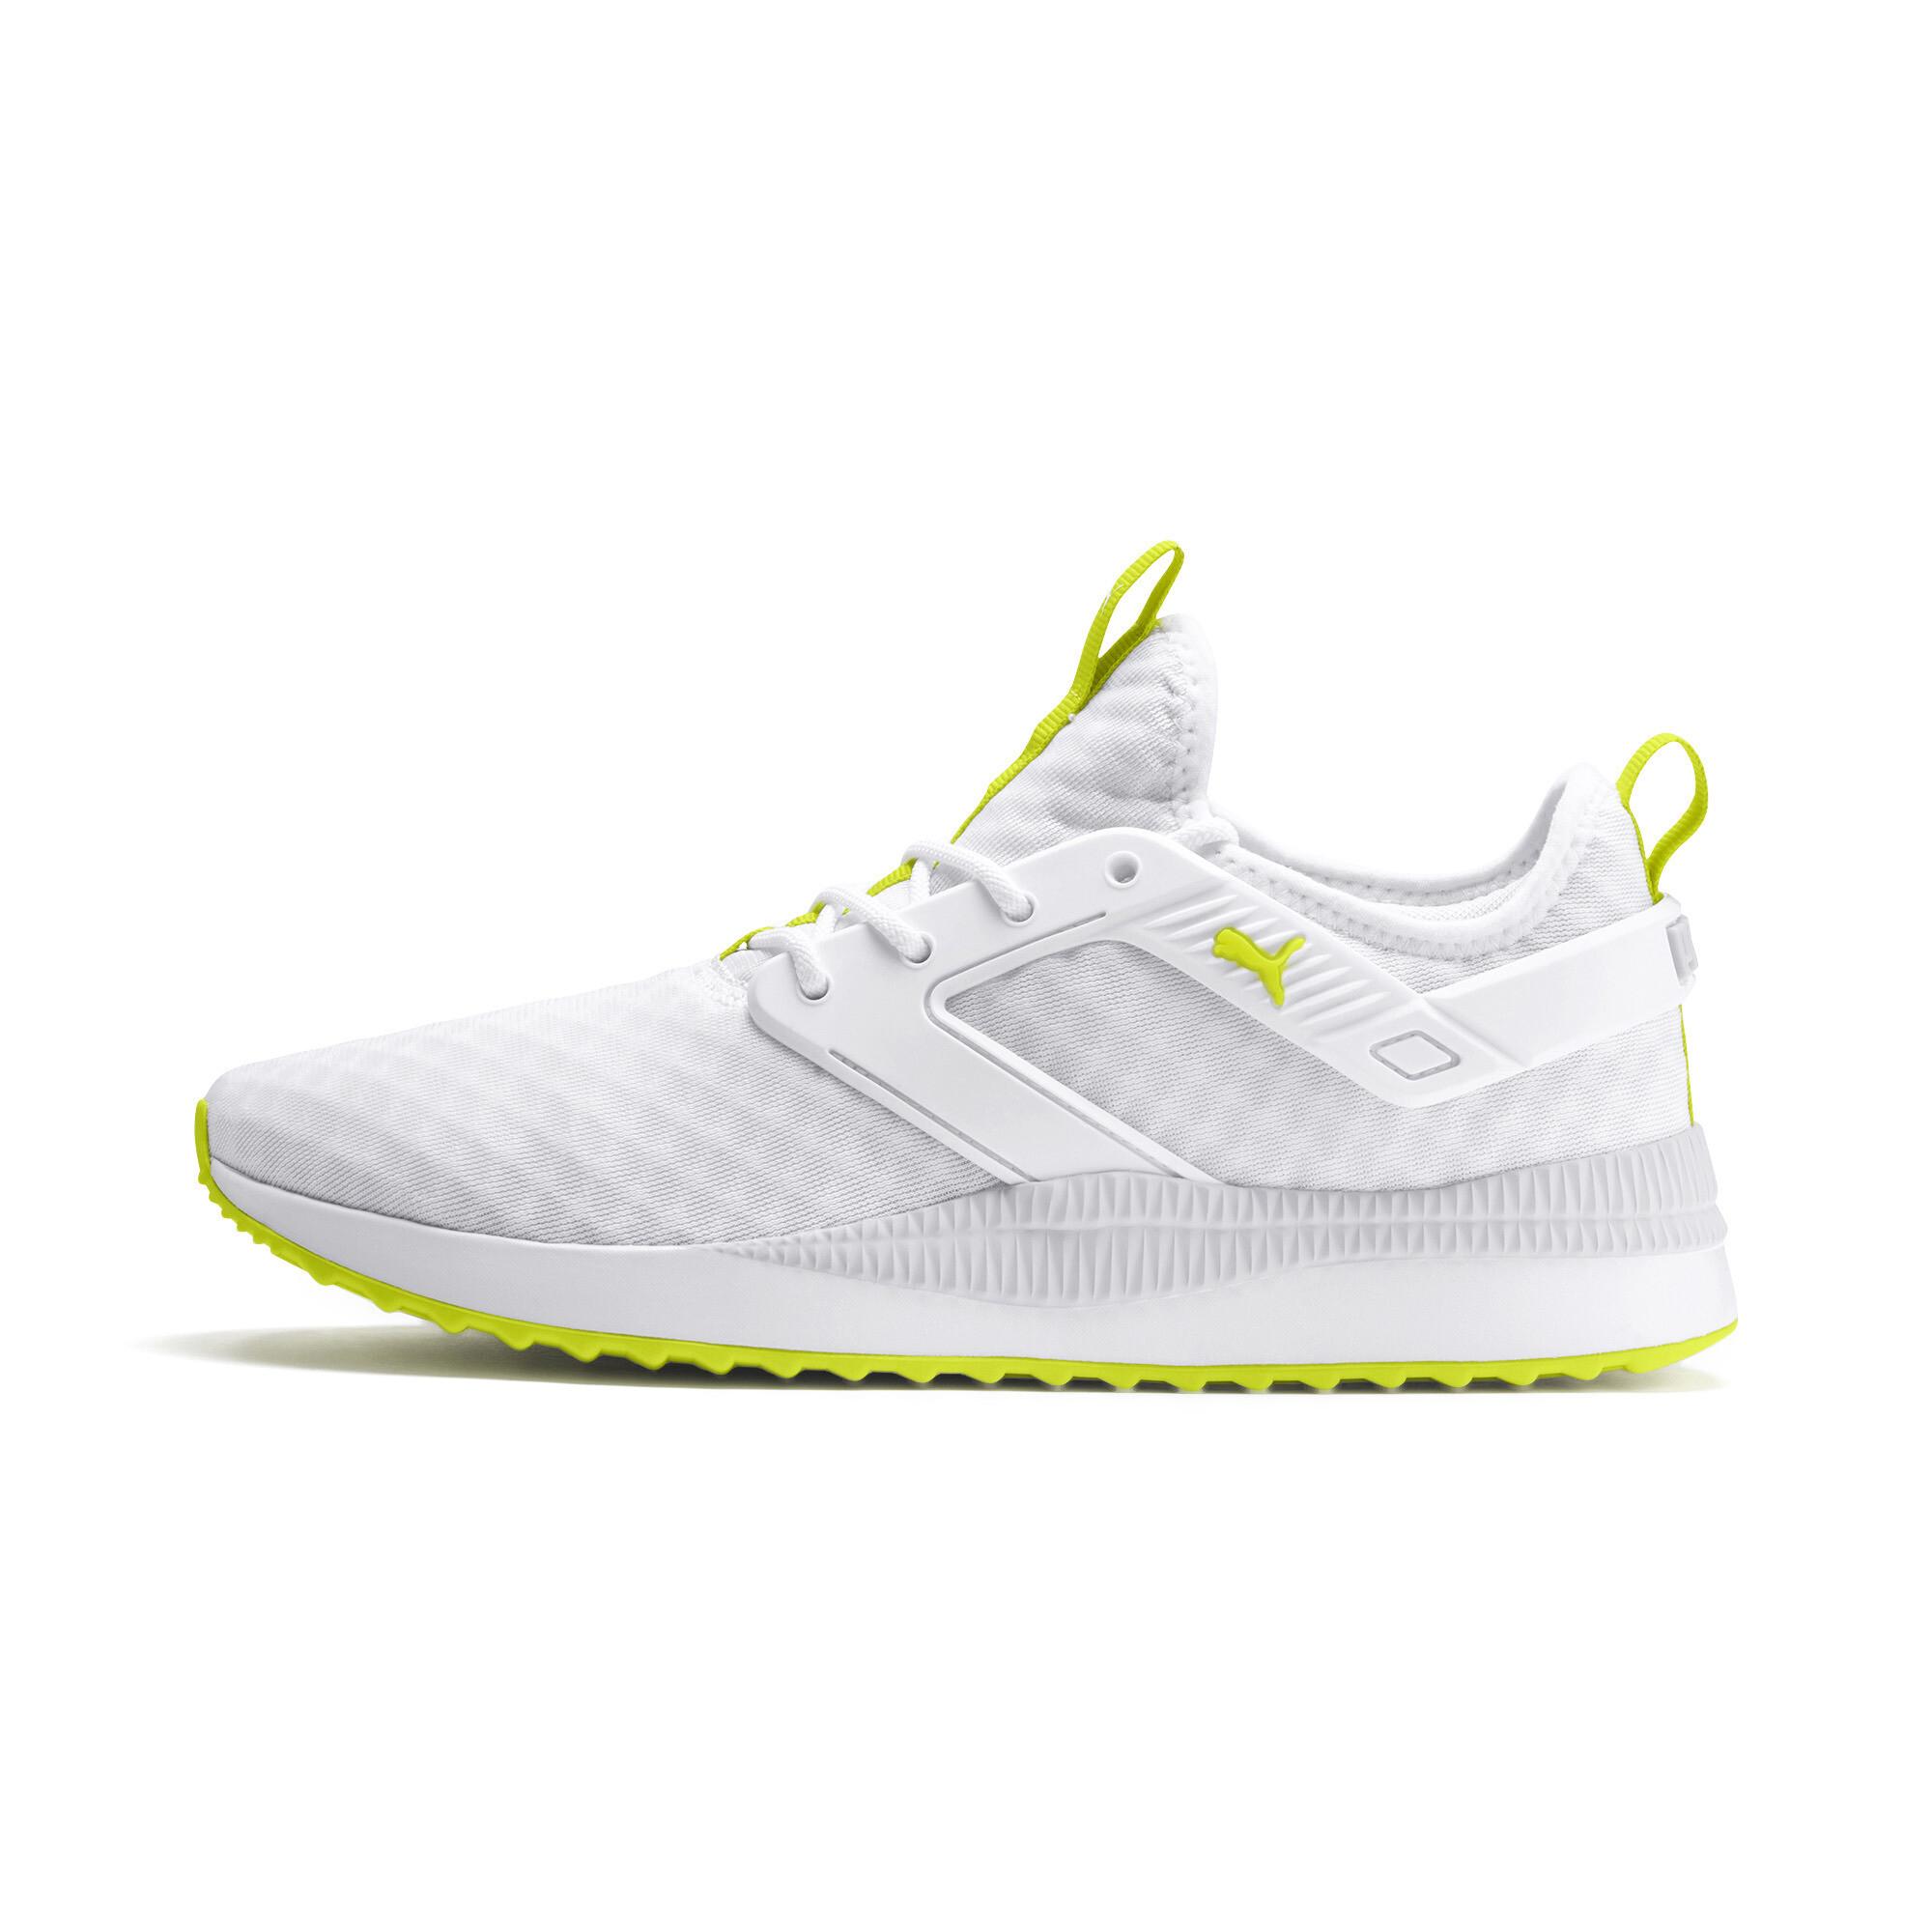 PUMA-Pacer-Next-Excel-Core-Men-039-s-Sneakers-Men-Shoe-Basics thumbnail 9